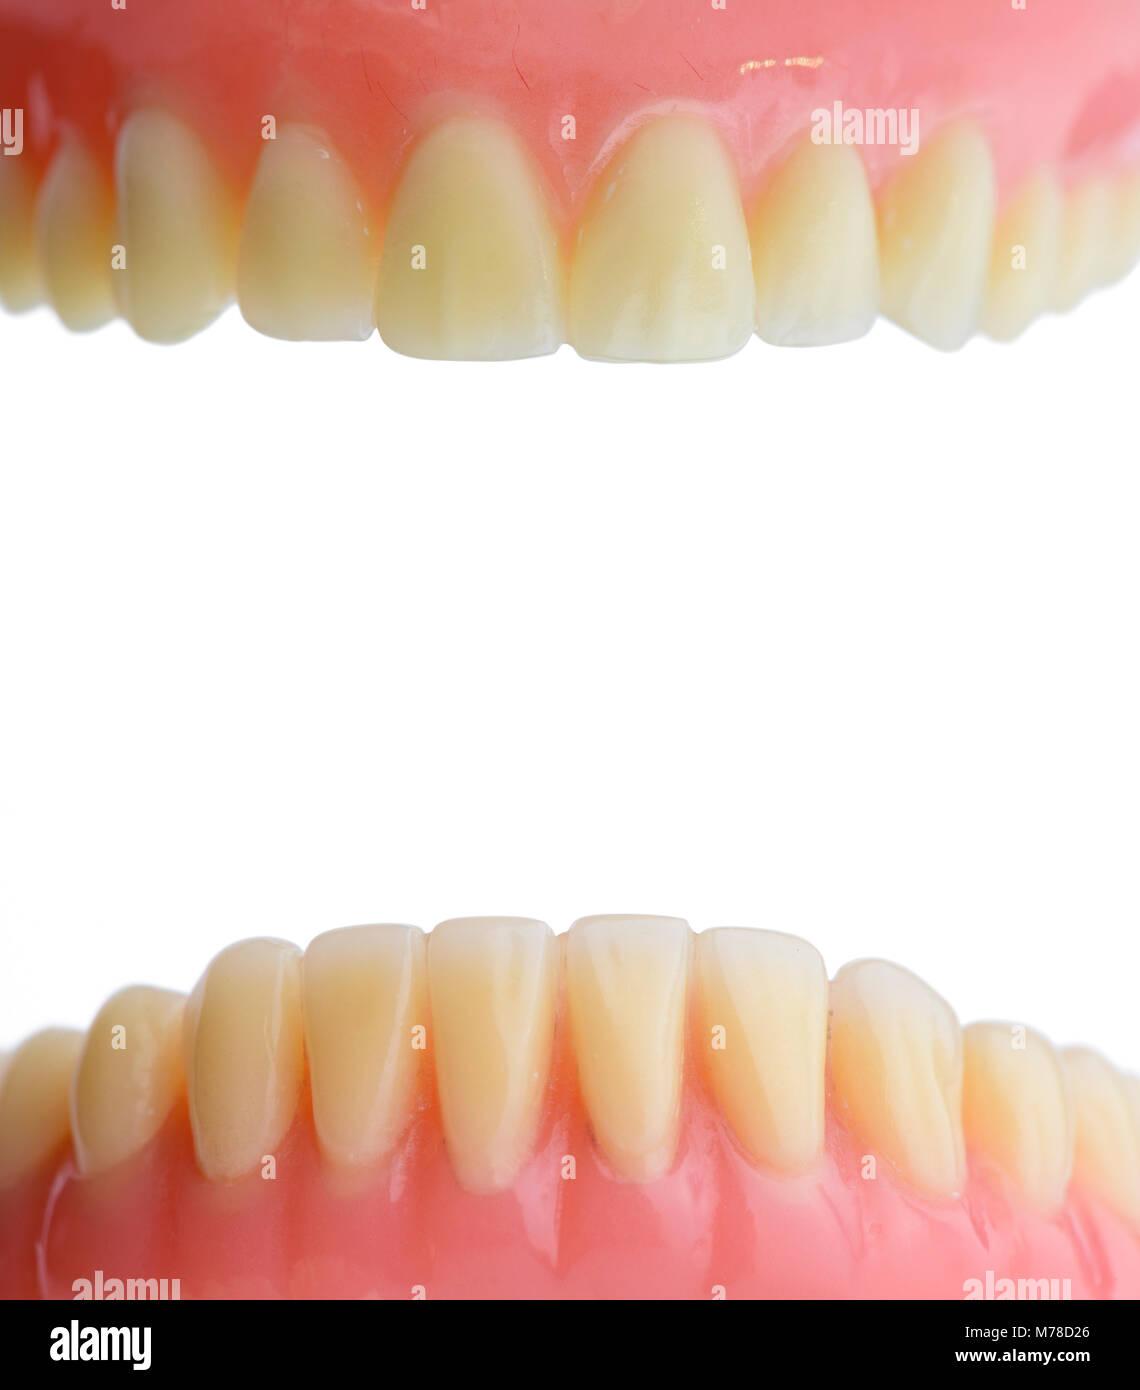 Zähne, Zahnfleisch menschlichen Mund Anatomie. Auf weissem ...